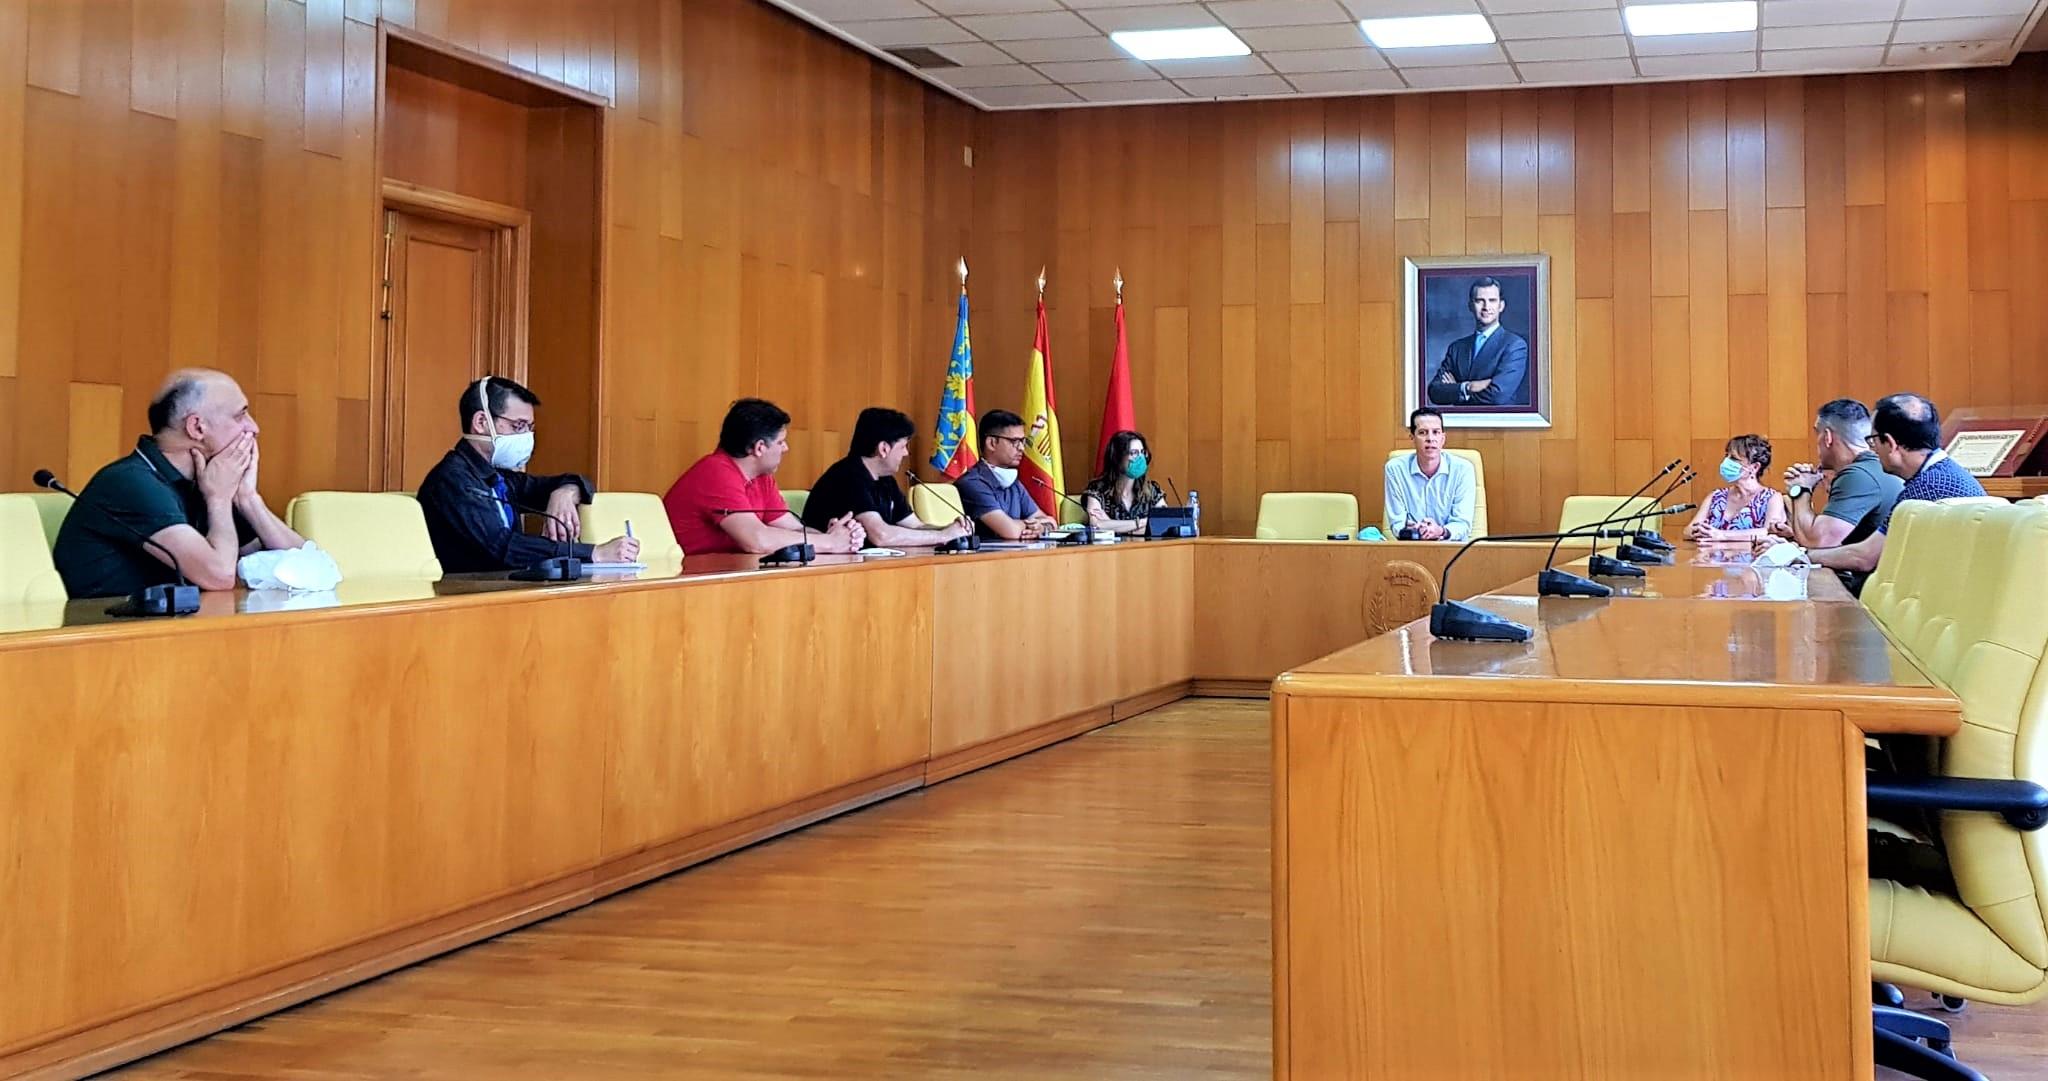 El Ayuntamiento de Elda propone  a los comerciantes y vecinos de Jaime Balmes la creación de una comisión de seguimiento del mercadillo